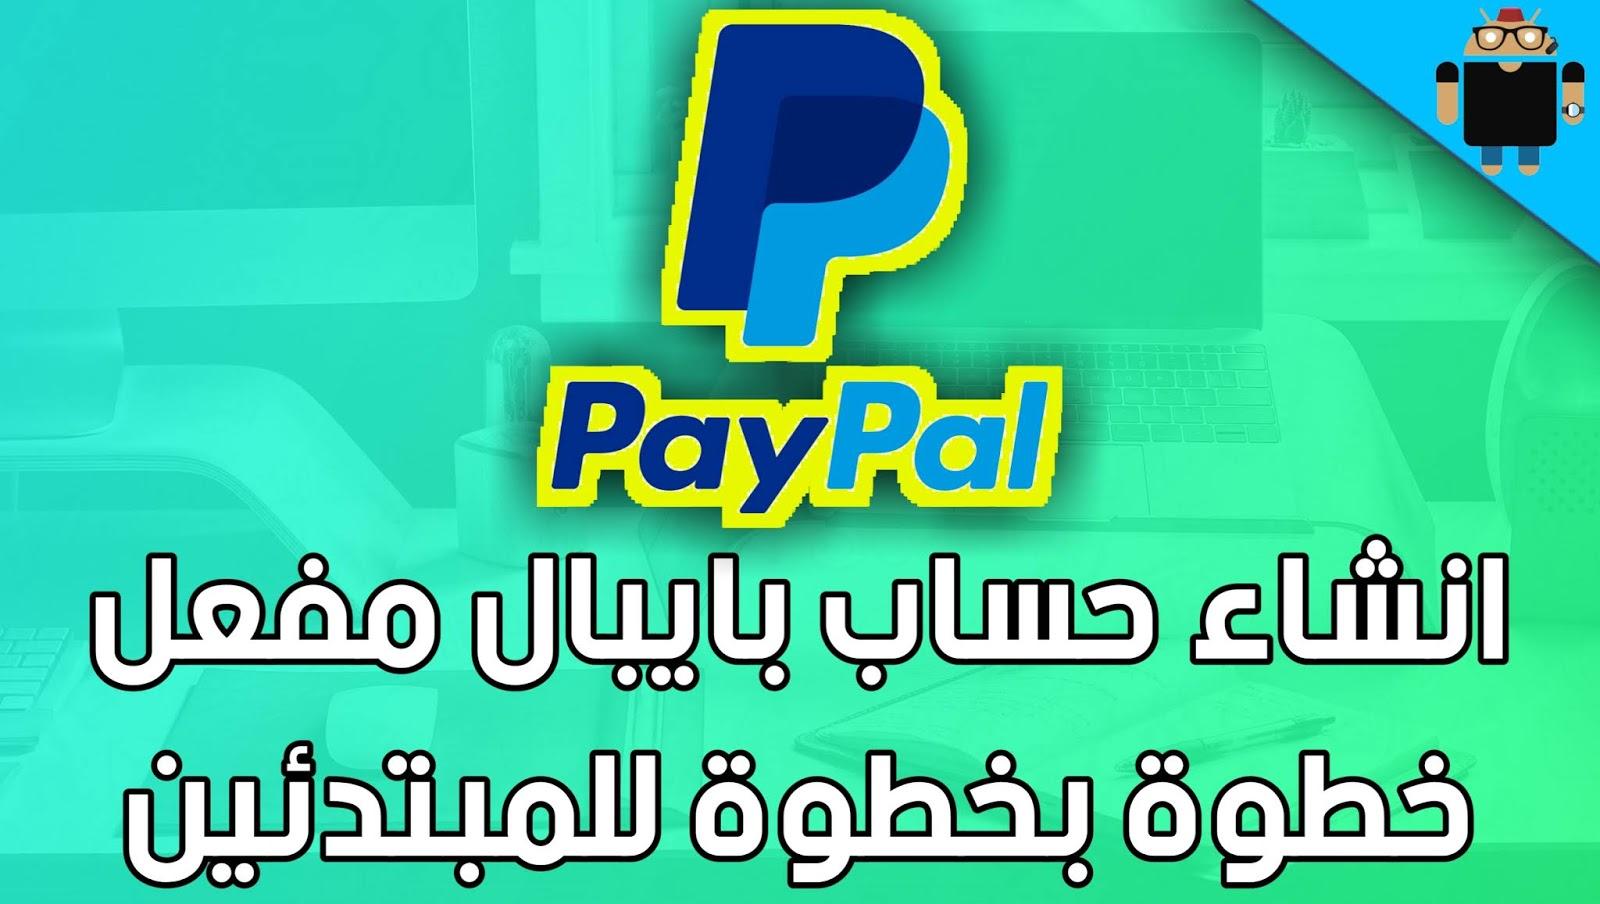 حصريا | انشاء حساب بايبال للمبتدئين يرسل و يستقبل الأموال دون مشاكل | و بدون بطاقة بنكية